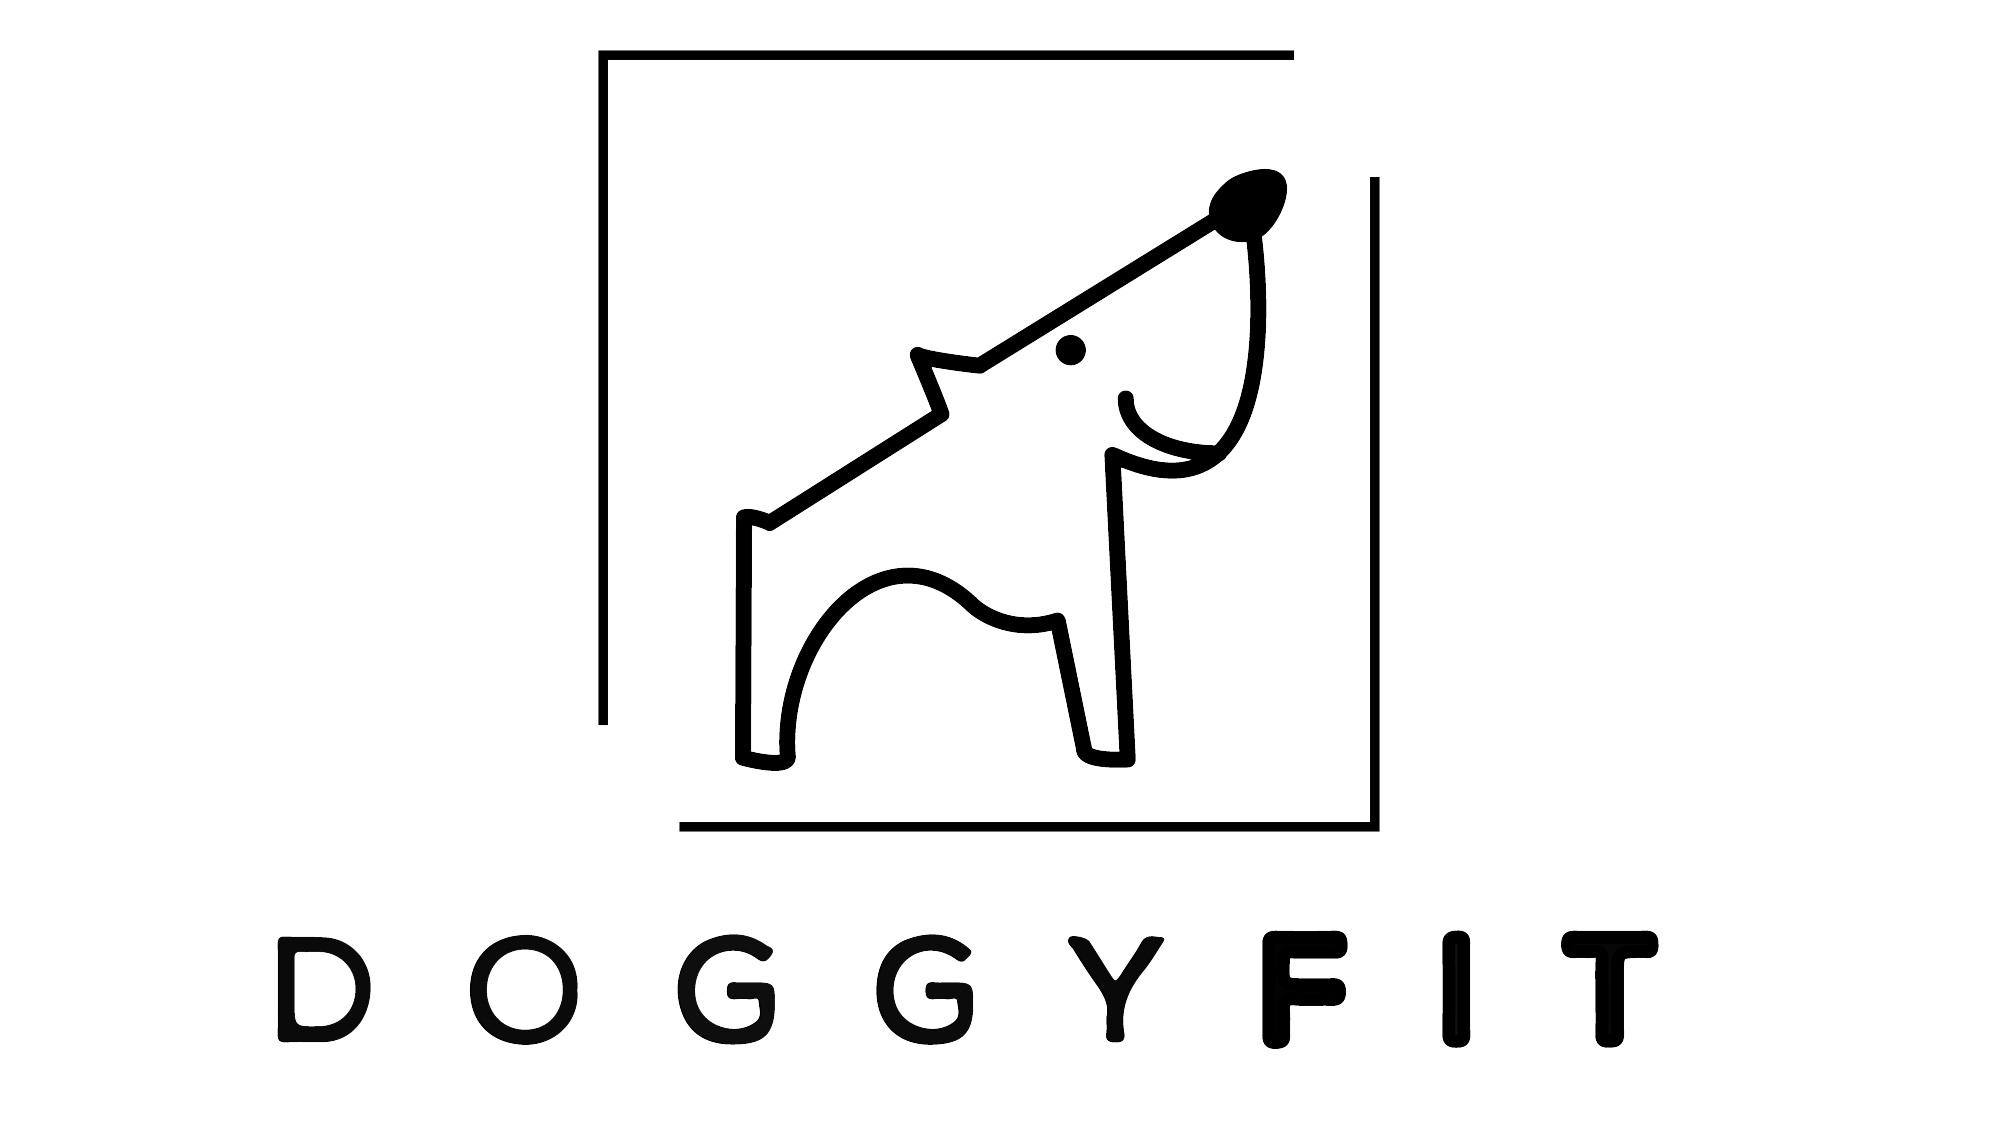 doggyfit_logo_weiß